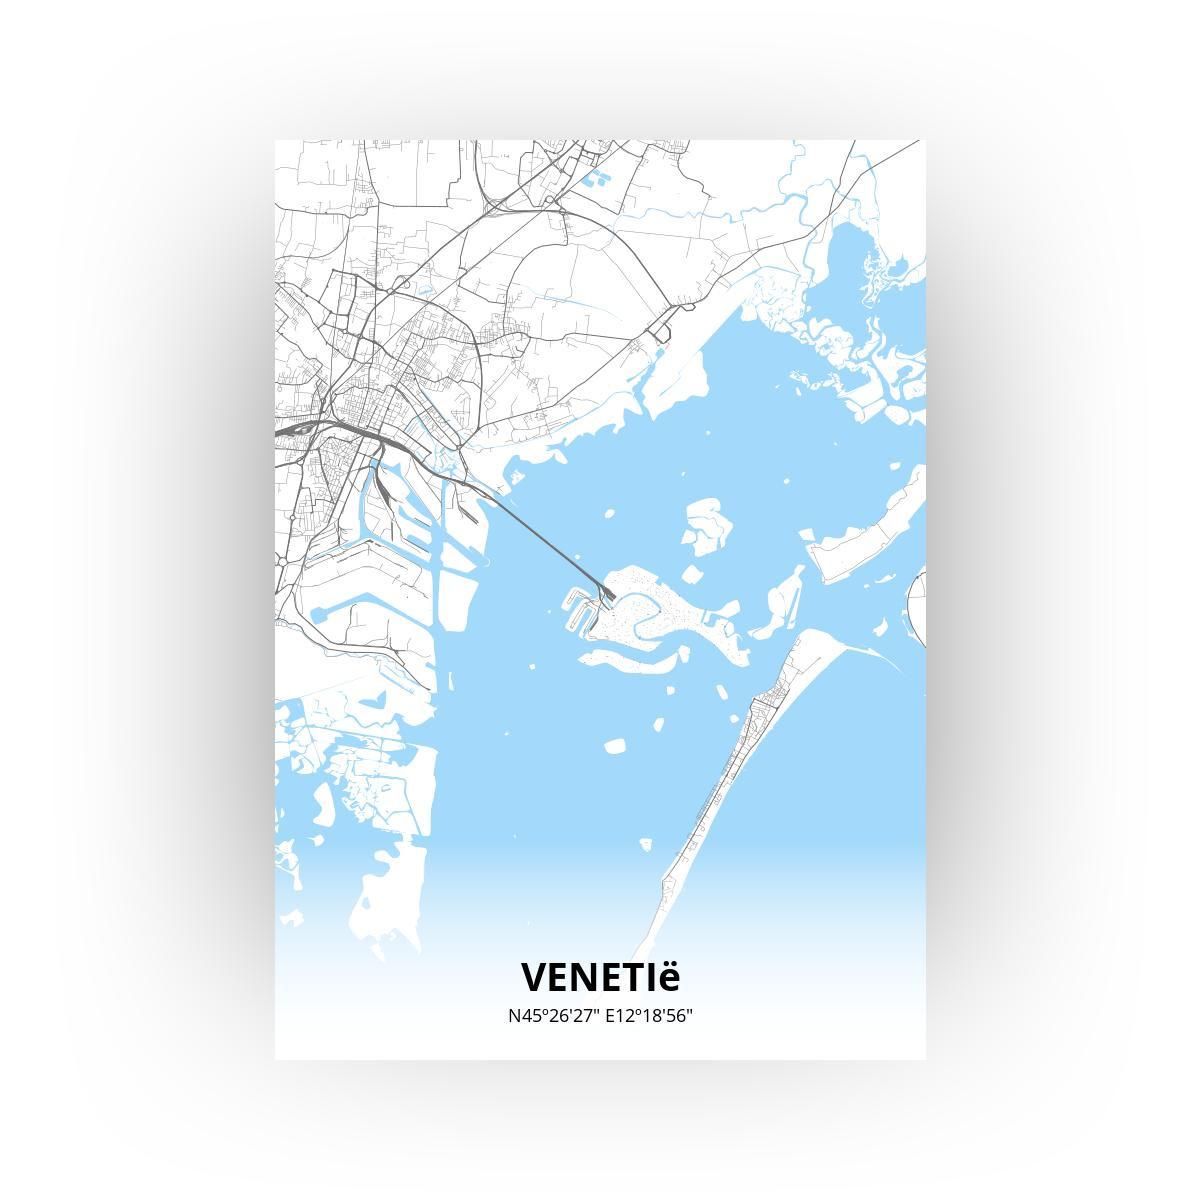 Venetië print - Standaard stijl